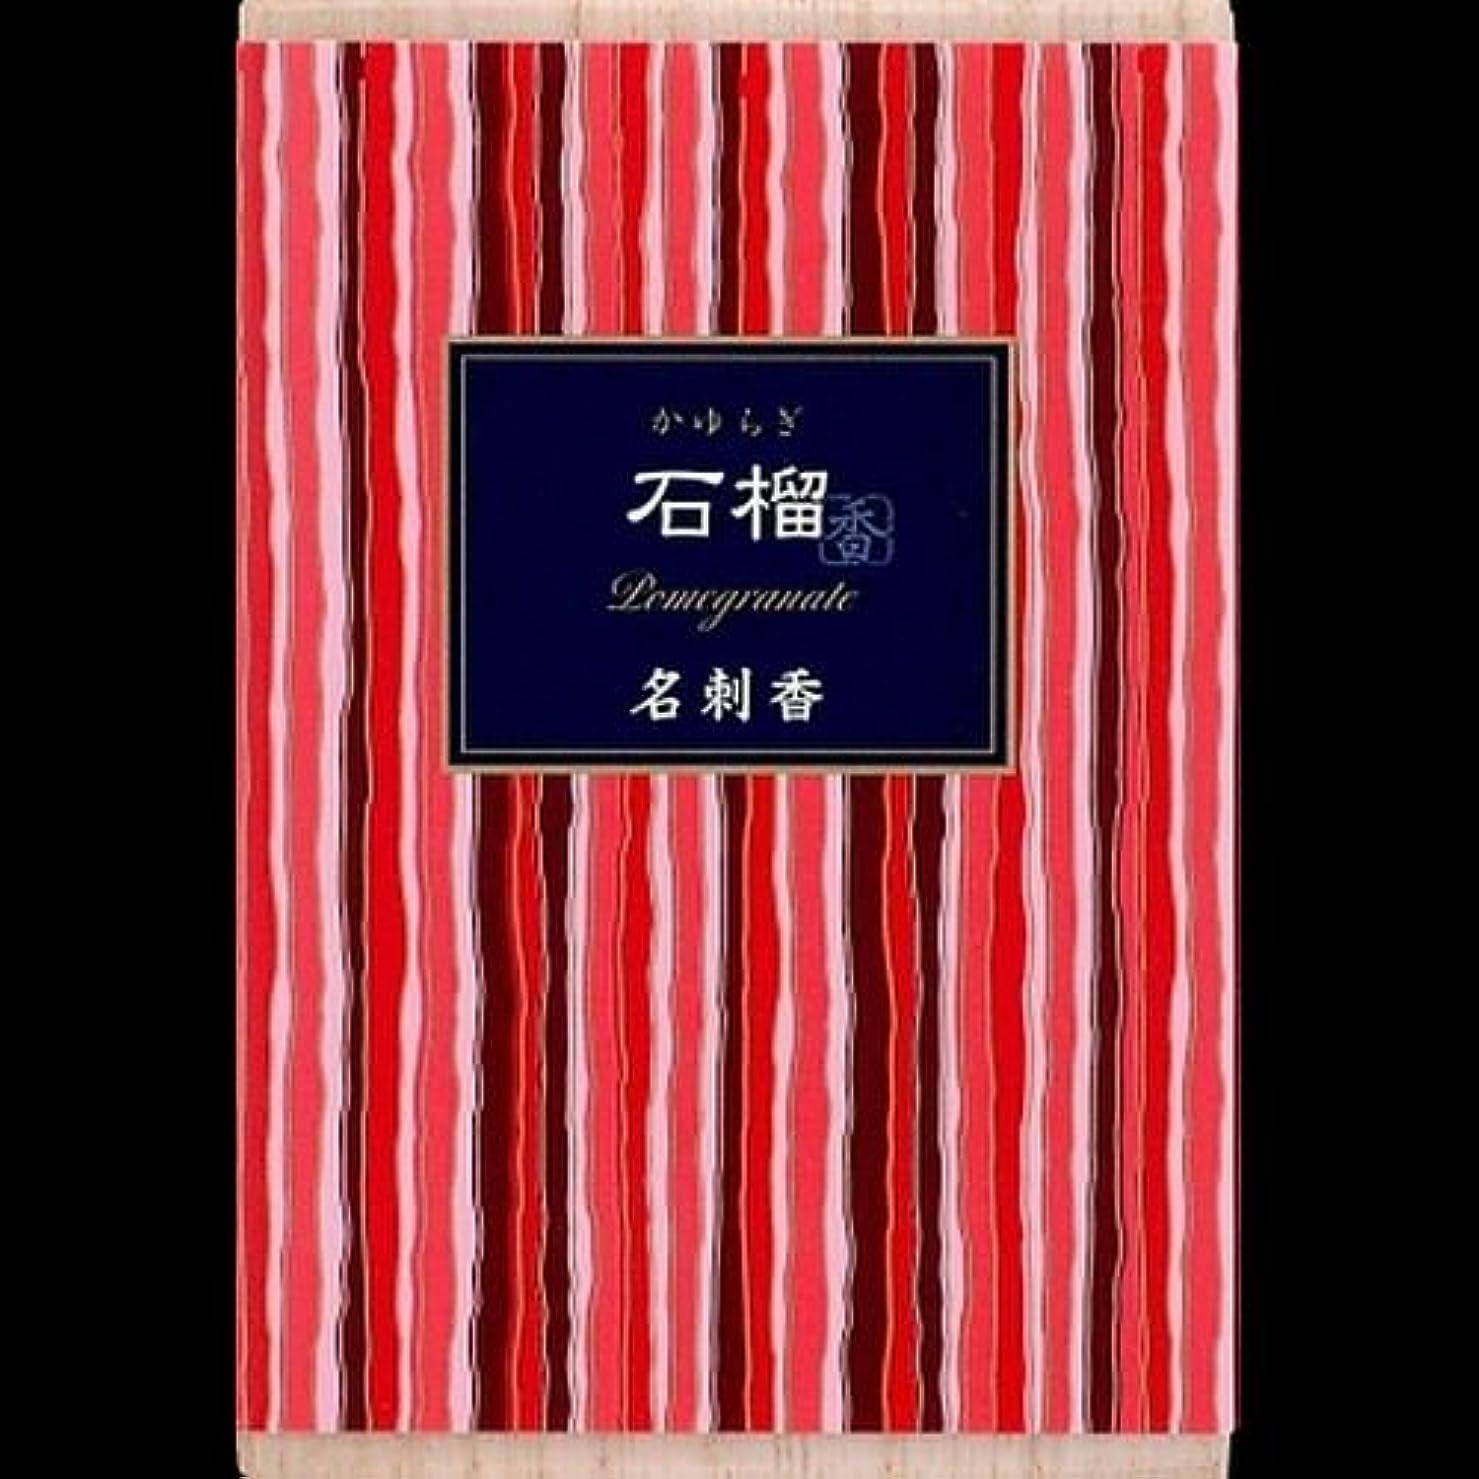 めんどり中古ではごきげんよう【まとめ買い】かゆらぎ 石榴 名刺香 桐箱 6入 ×2セット